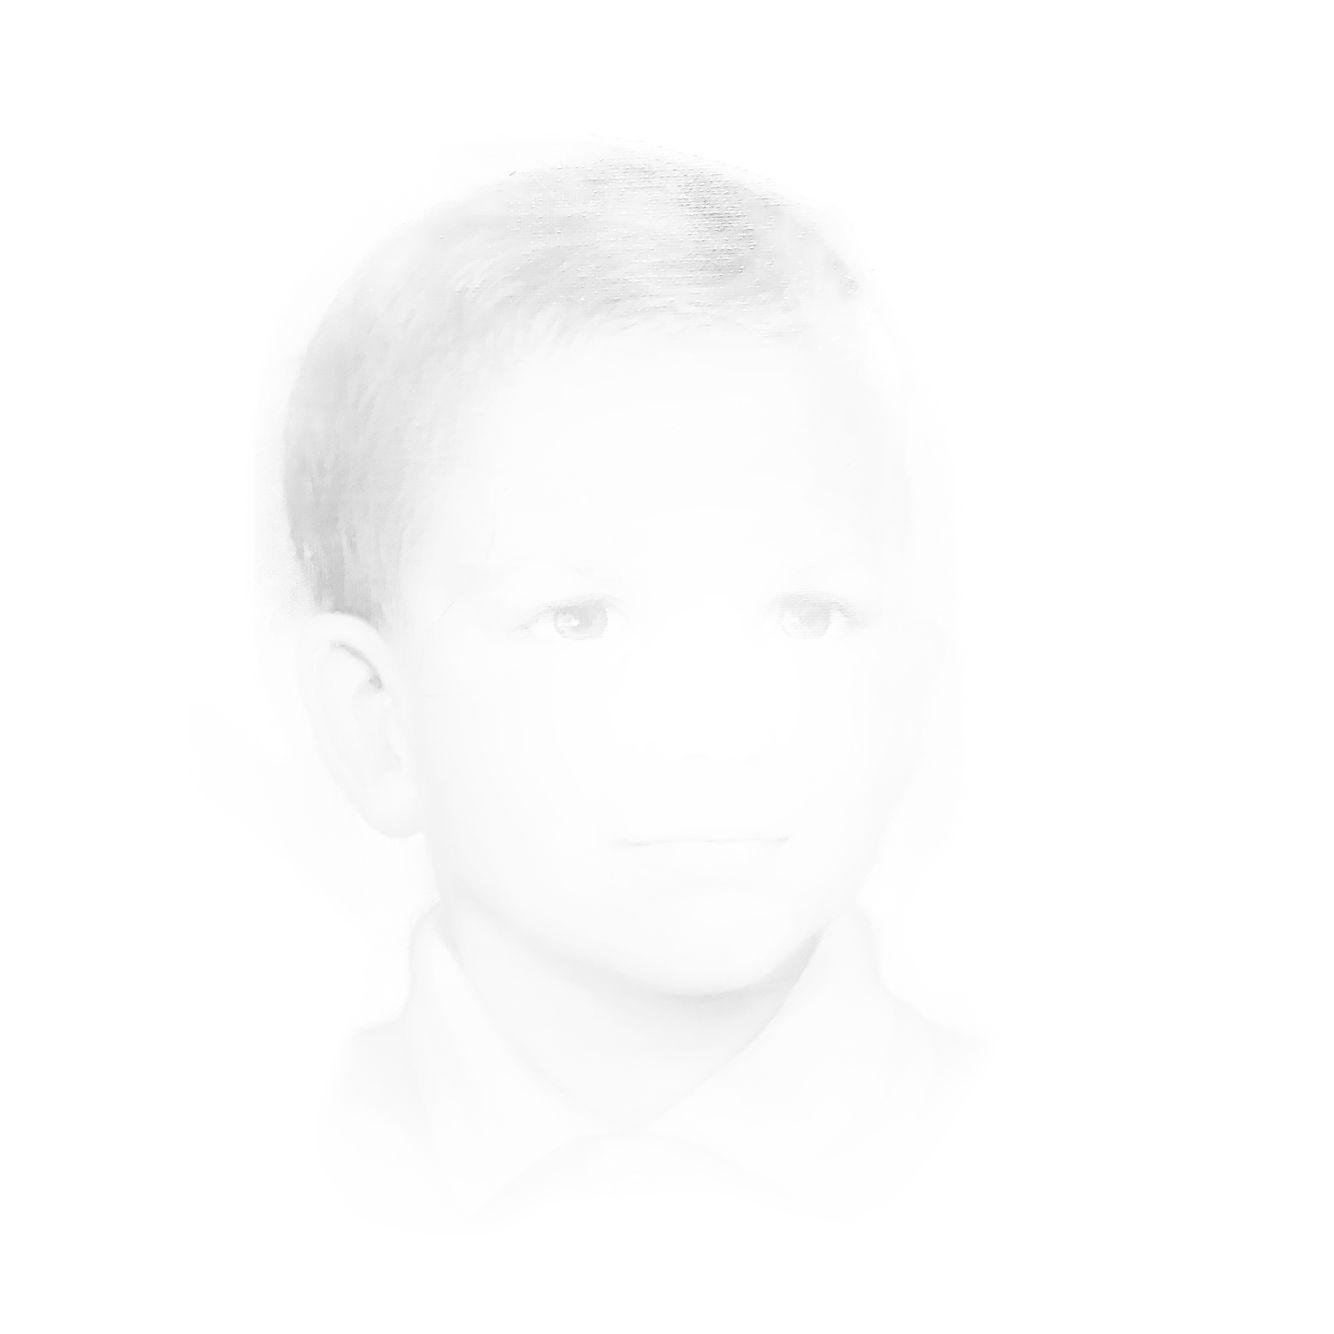 ghost - 7 (1).jpg